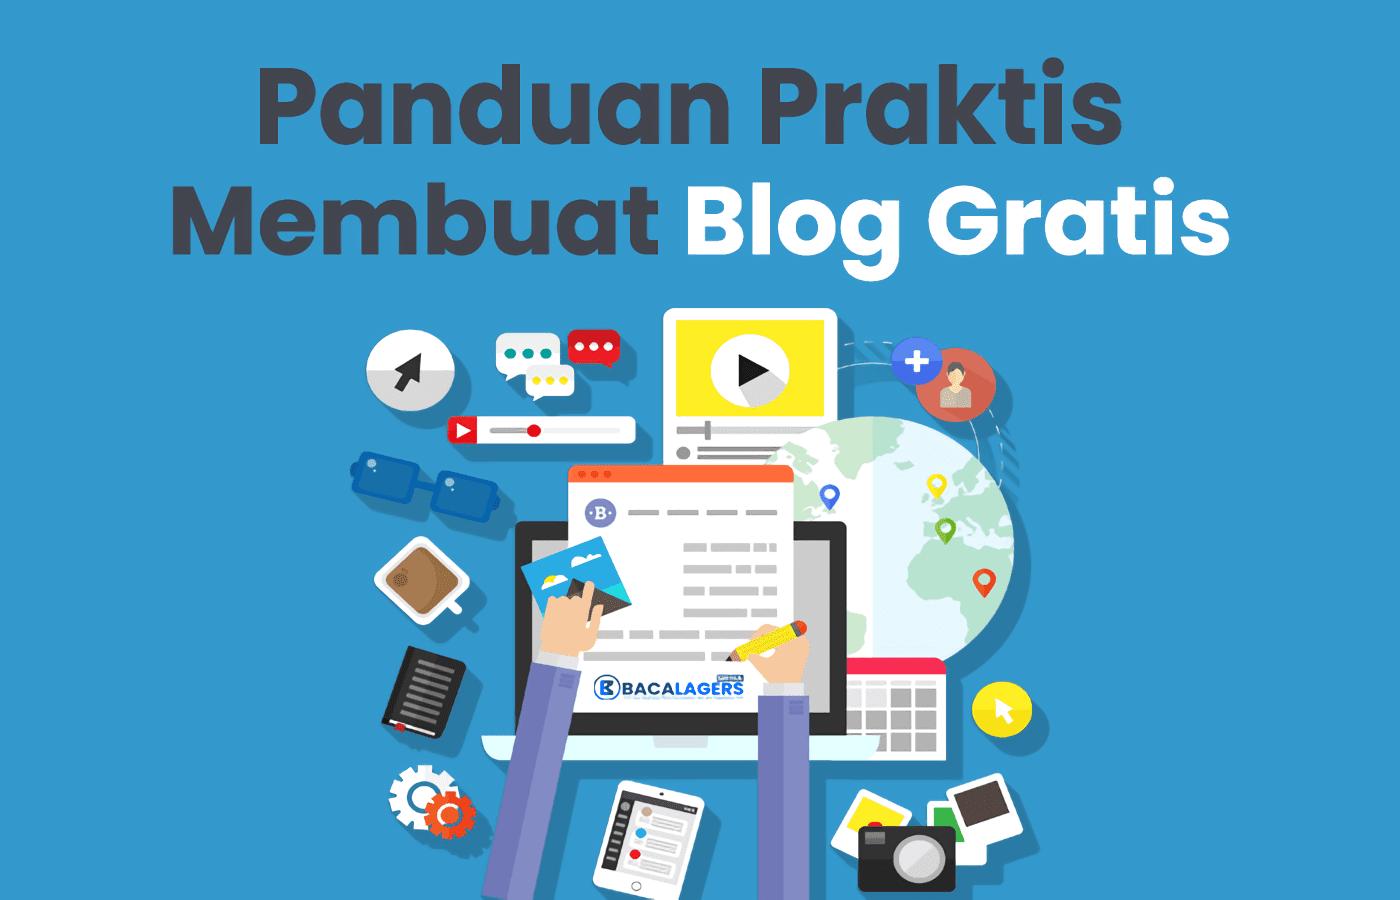 cara membuat blog, Cara Membuat Blog Gratis di Blogger untuk Pemula, cara membuat blog untuk pemula, cara membuat   blog gratis, cara membuat blog gratis terbaru, cara membuat blog gratis di blogger, cara membuat blog gratis di blogspot, cara   membuat blog di wordpress untuk pemula, cara memilih nama domain, tips memilih nama domain yang benar, domain   murah, niagahoster, hosting unlimited, web hosting, penyedia web hosting terbaik di indonesia, web hosting unlimited,   penyedia domain terbaik di indonesia, domain murah terpercaya, penyedia web hosting unlimited